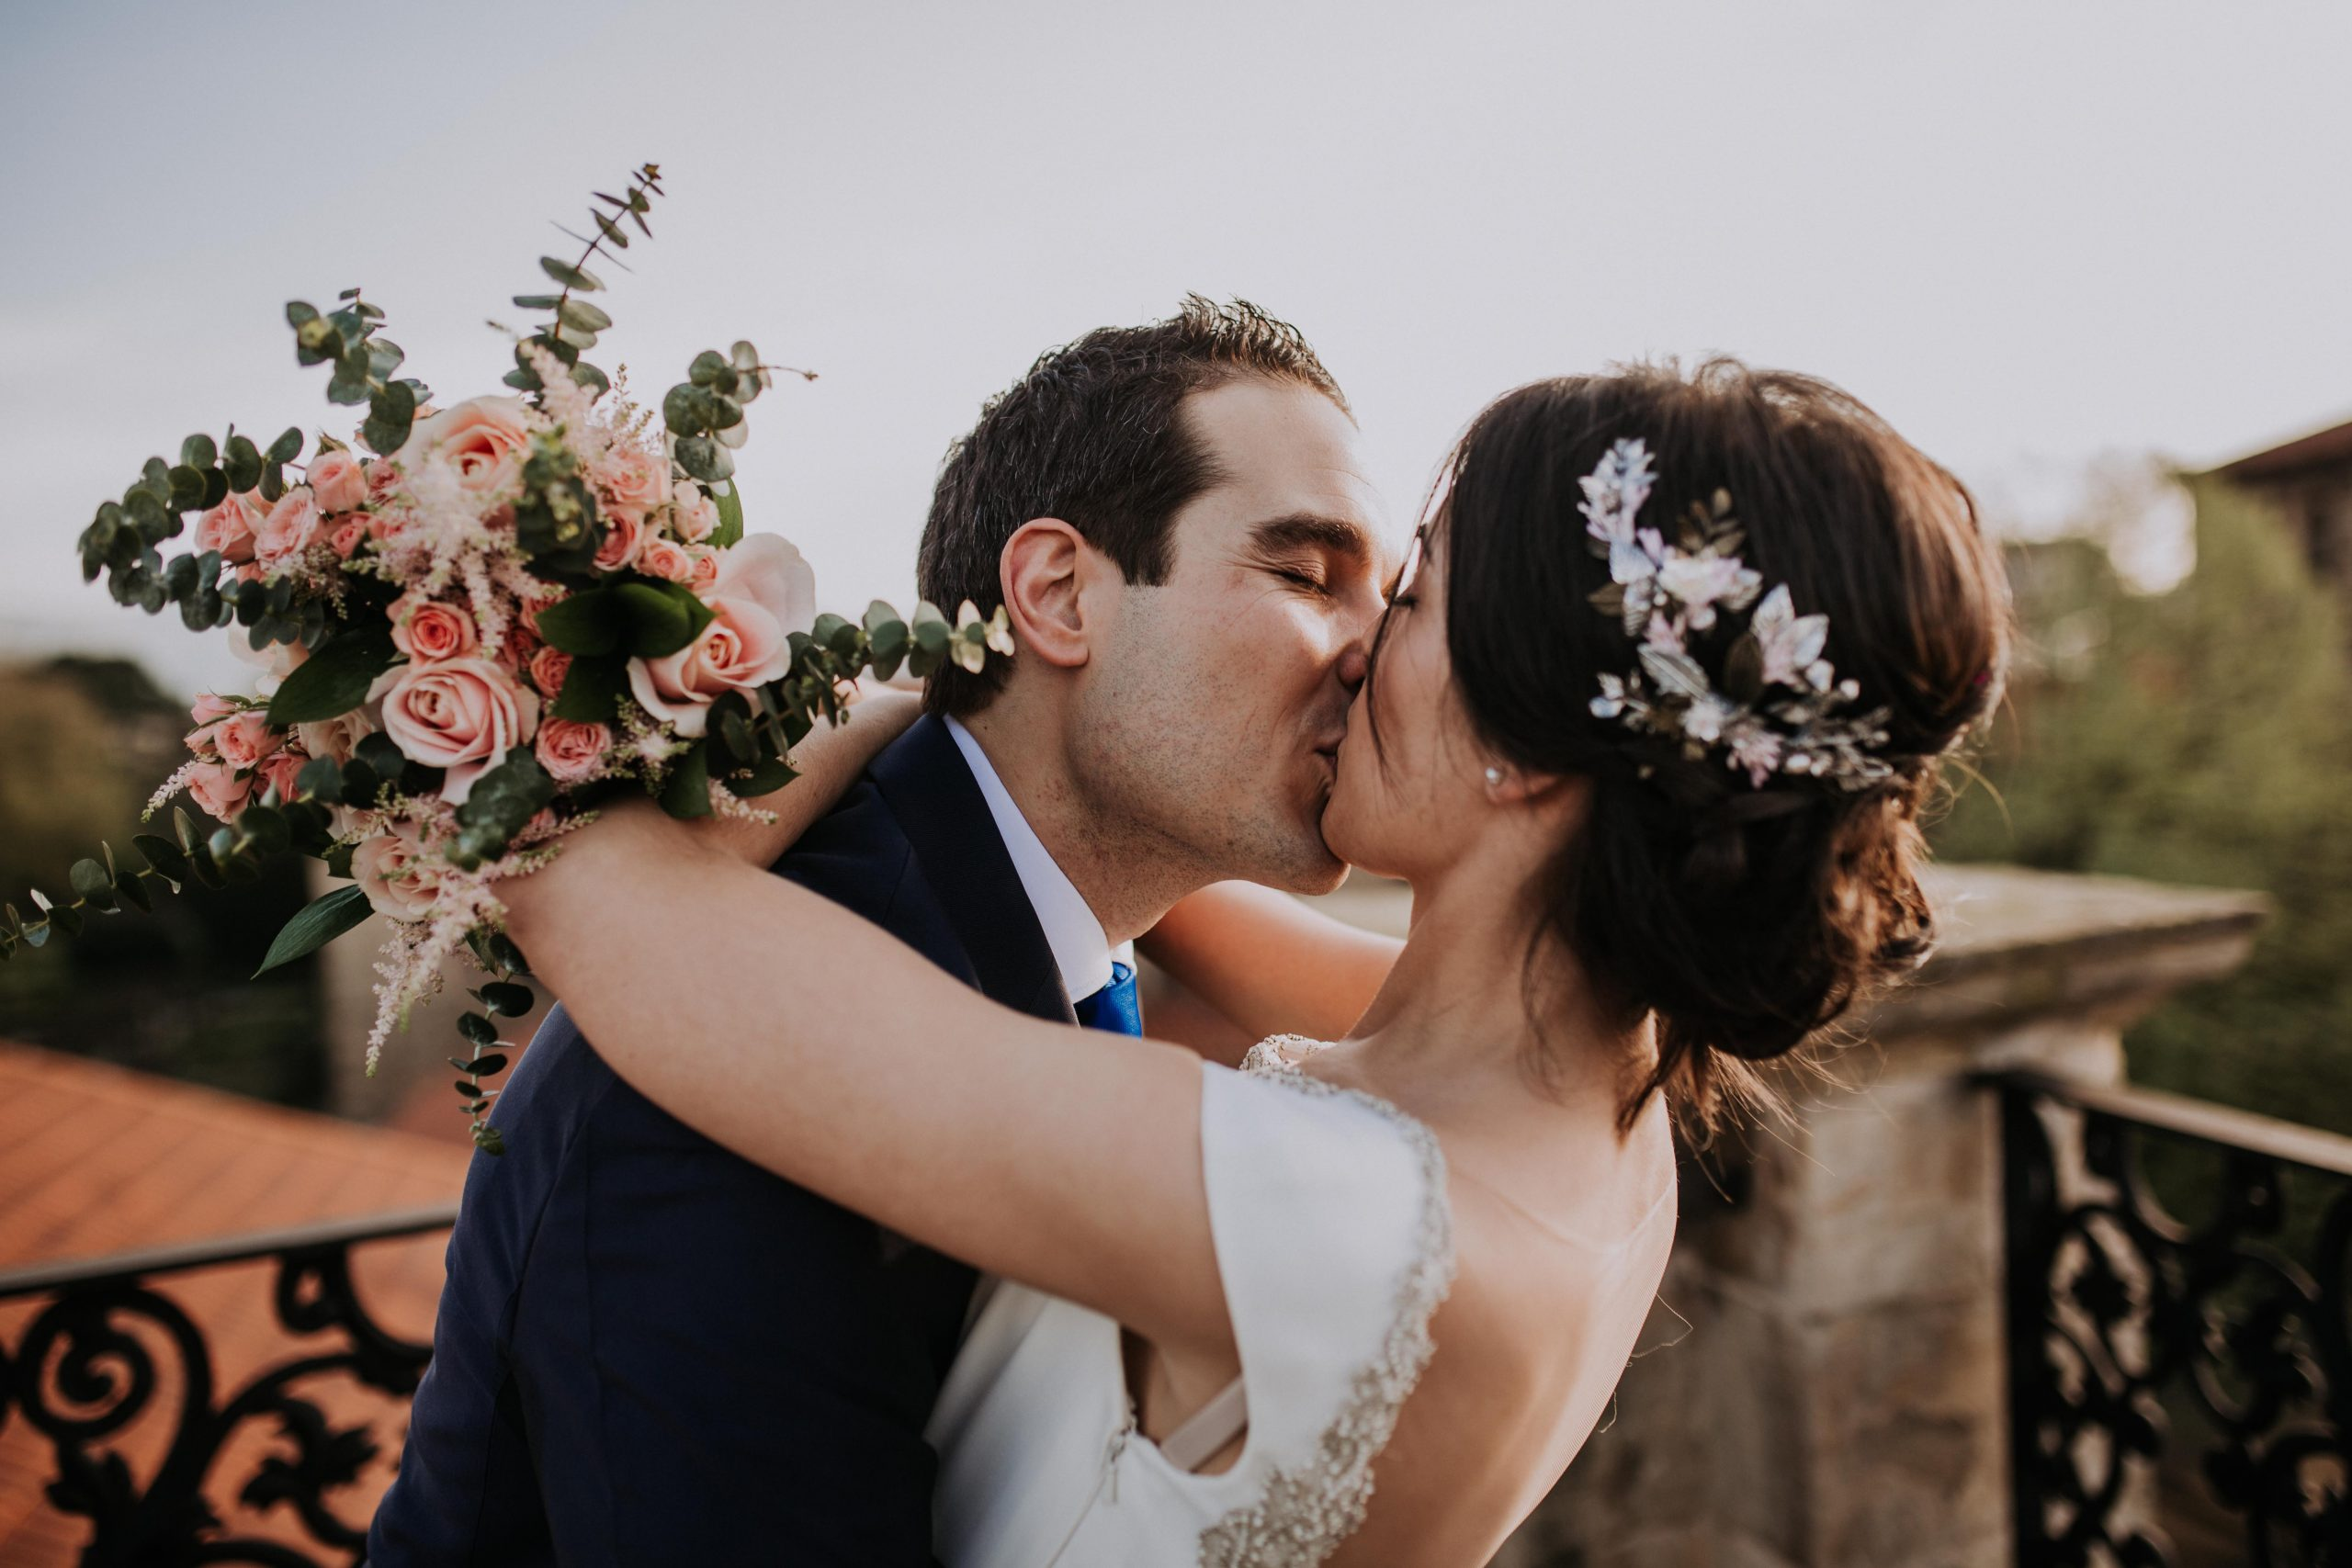 leymar-floristas-novias-asturias-aviles-ramos-bodas-decoracion-iglesia-mesas-novia (159)